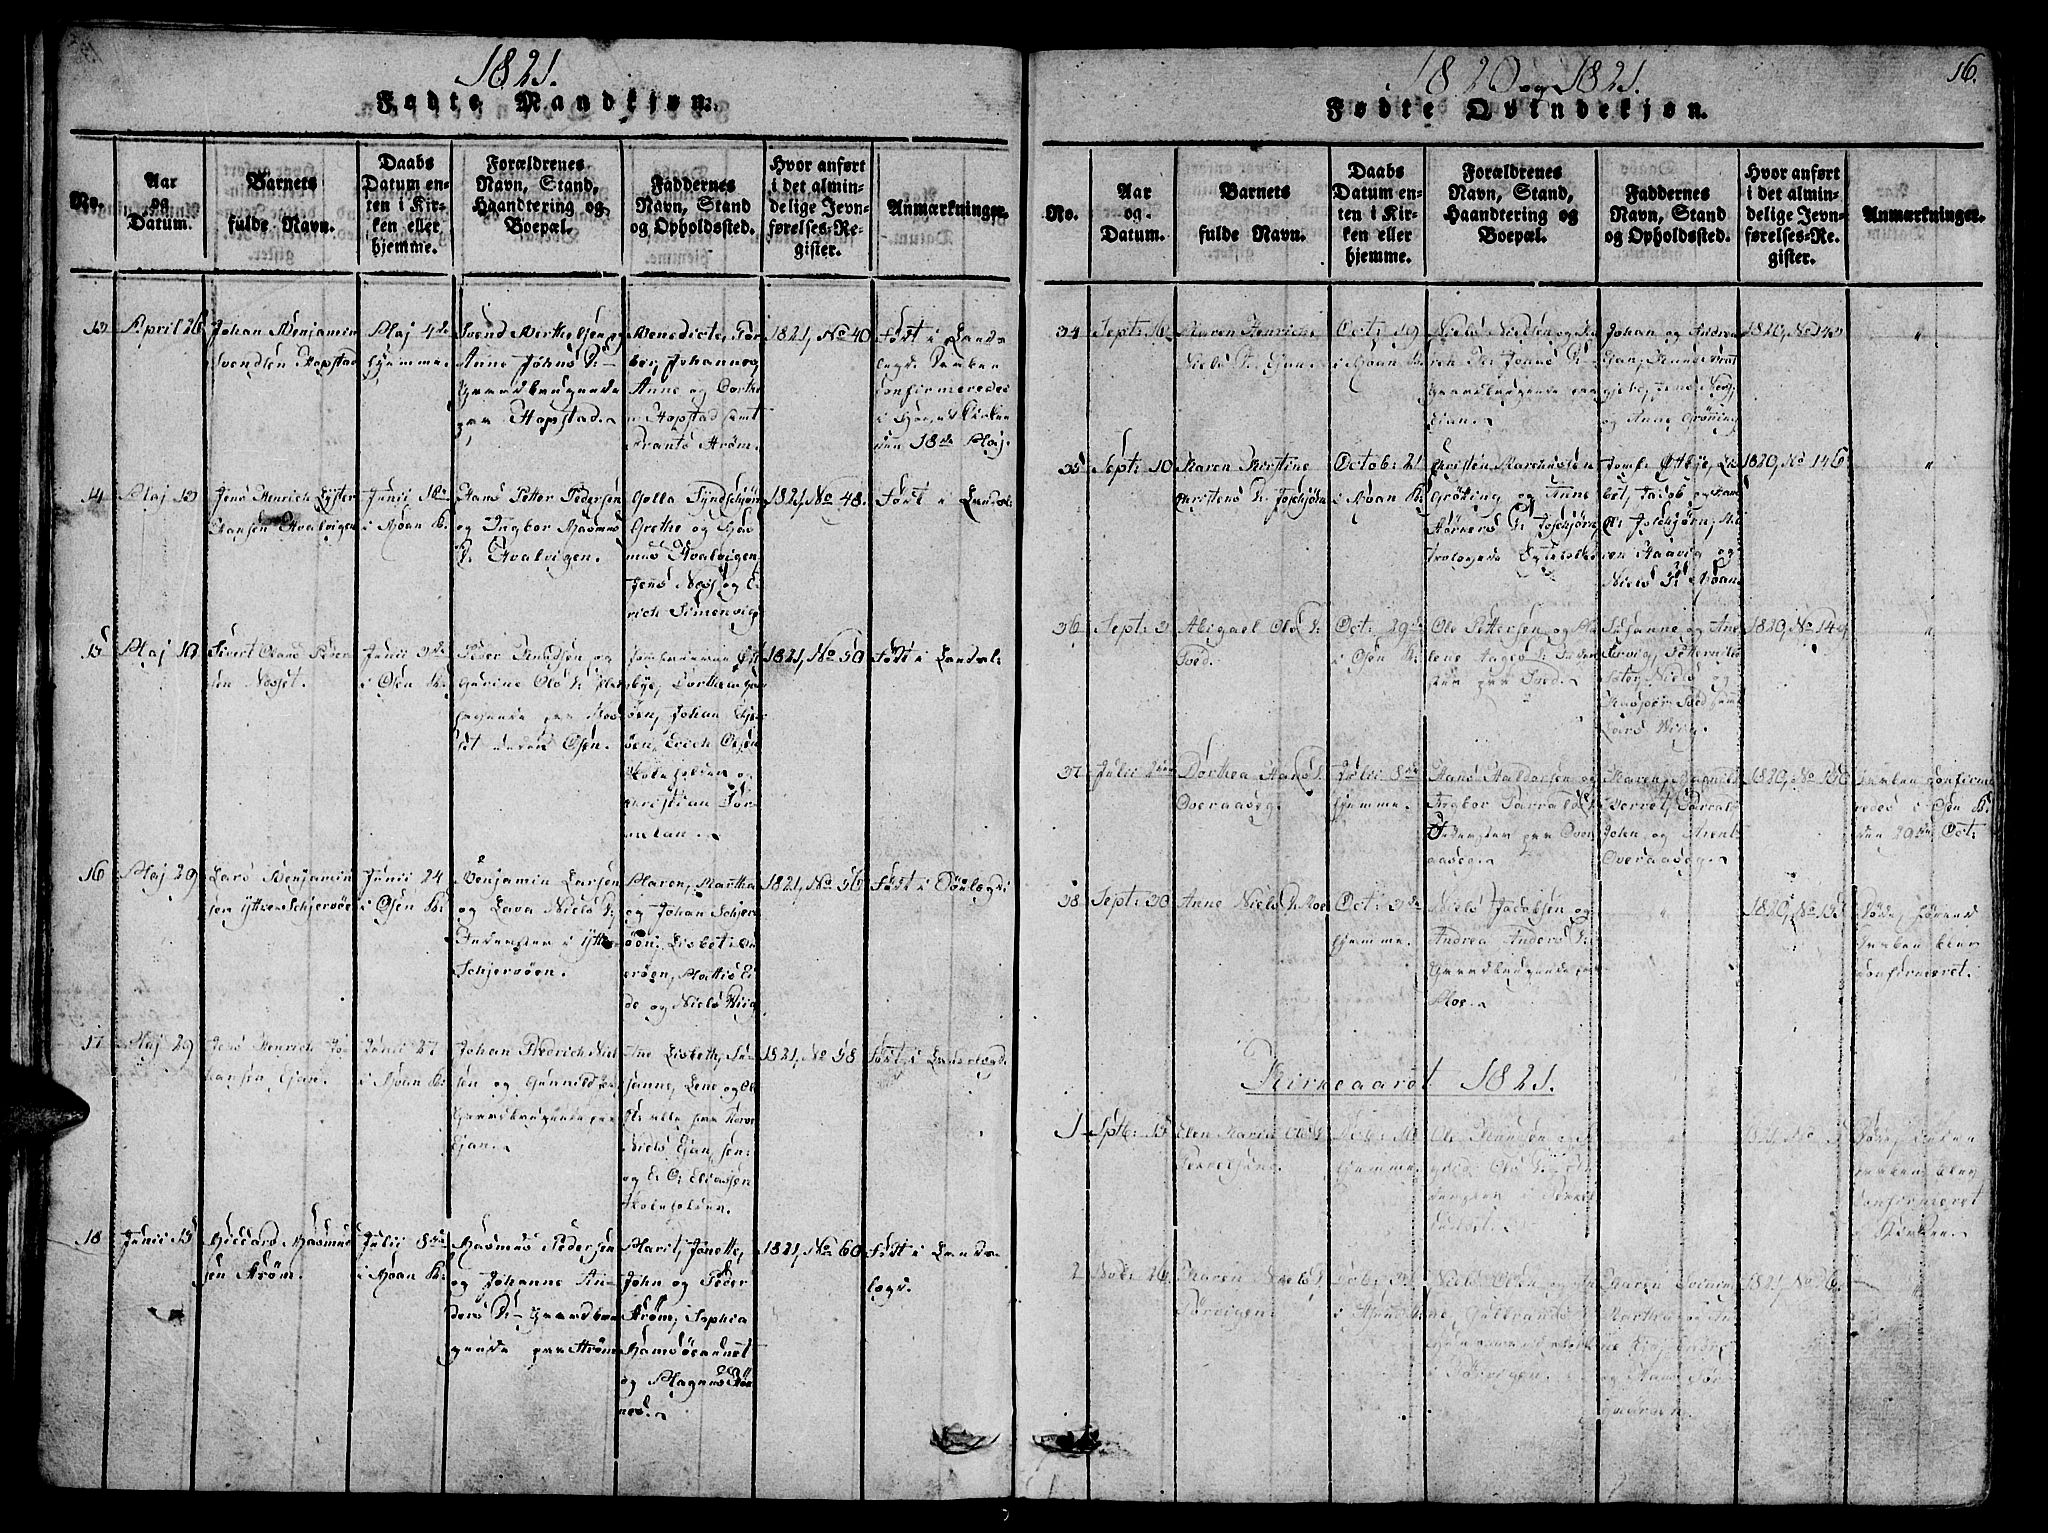 SAT, Ministerialprotokoller, klokkerbøker og fødselsregistre - Sør-Trøndelag, 657/L0702: Ministerialbok nr. 657A03, 1818-1831, s. 16